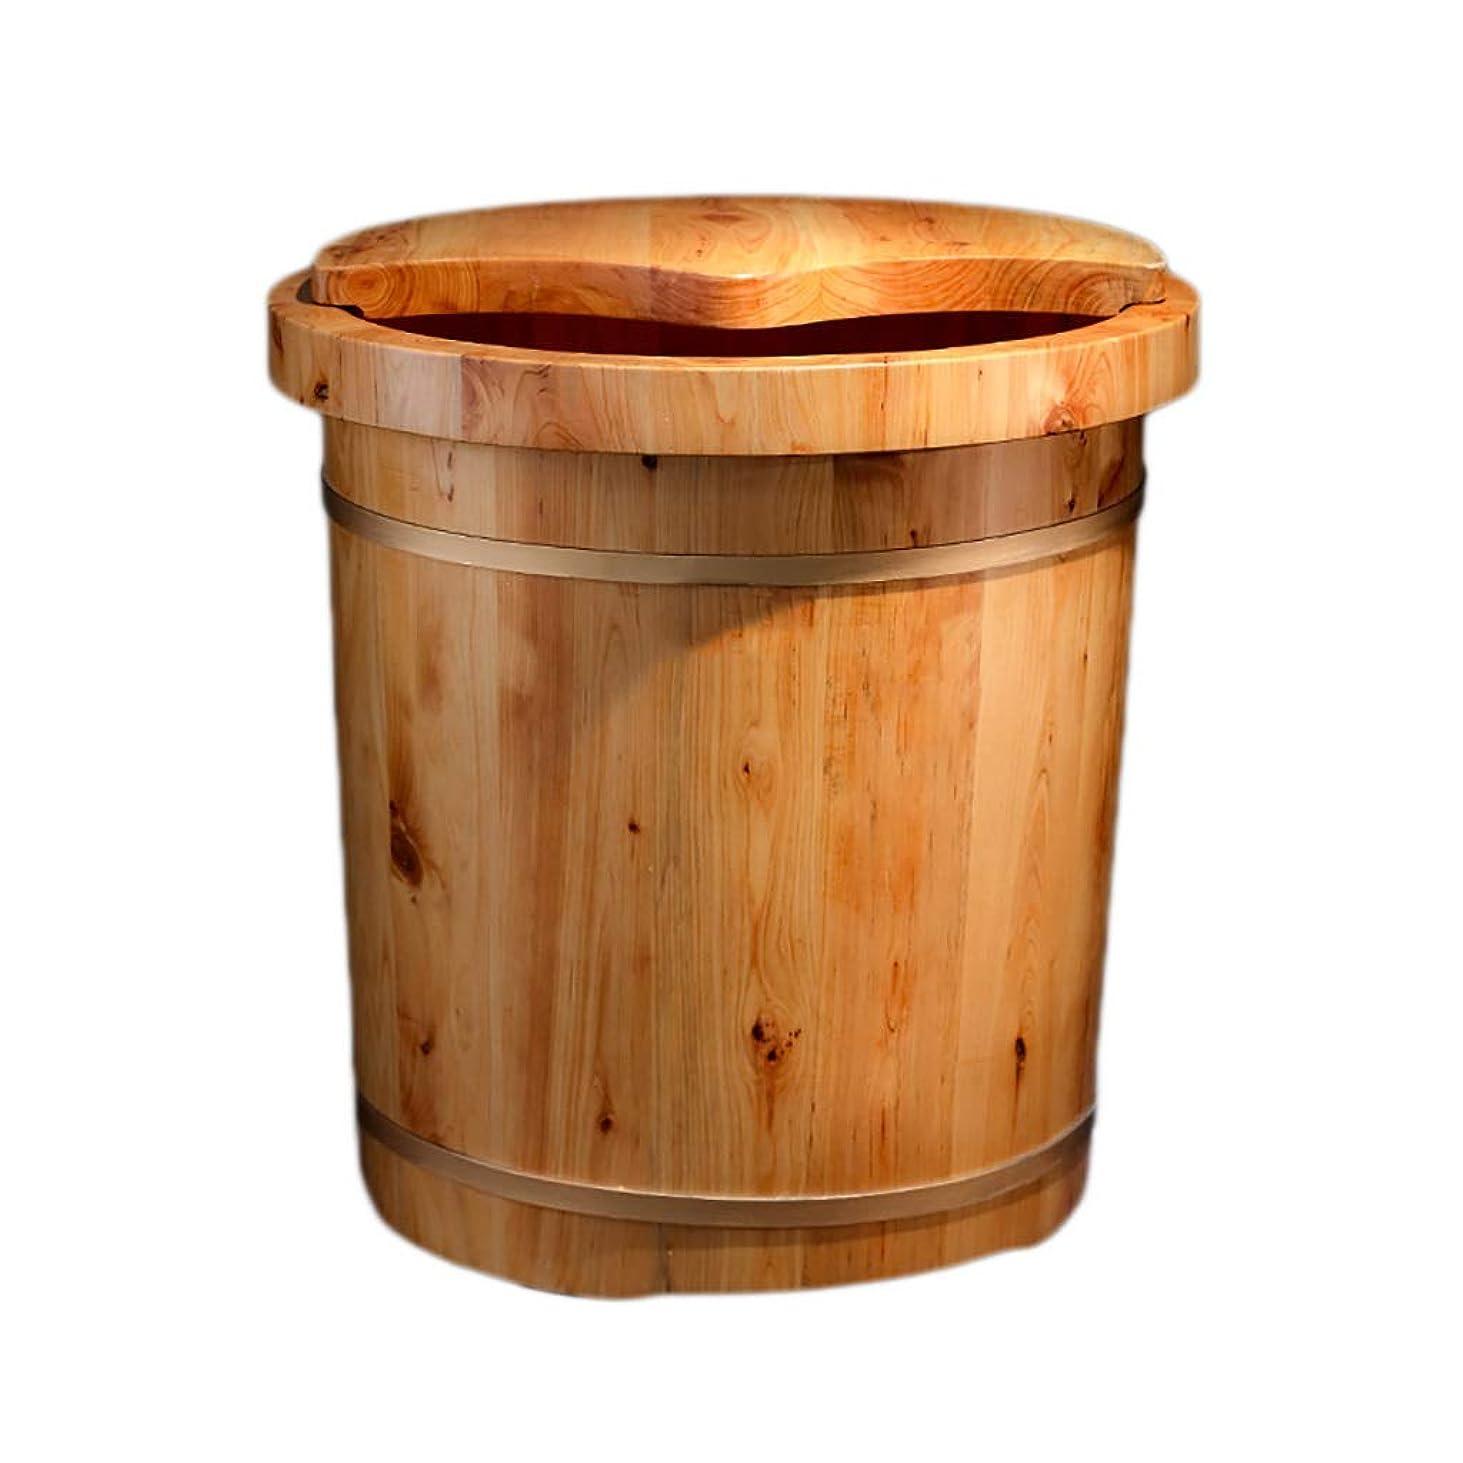 分散金貸し子犬NUBAOgy 足浴槽、カバー断熱材で作られた大人のマッサージ足浴槽バレル杉ペディキュアバレル高くすること、ウッドカラー、41×40×32センチ